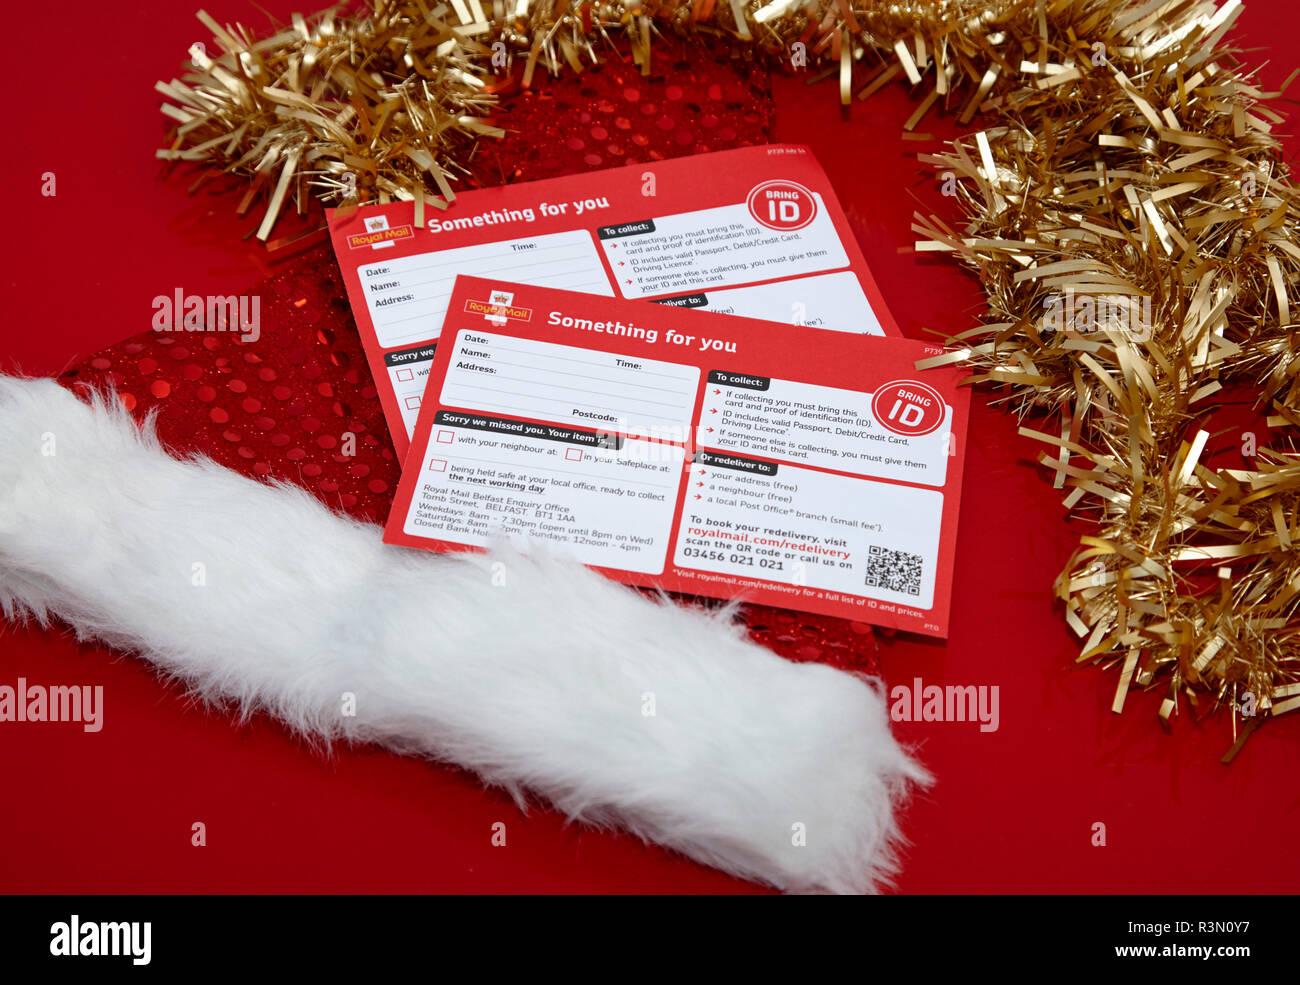 Royal Mail quelque chose pour vous les cartes avec chapeau de noël et de guirlandes Banque D'Images